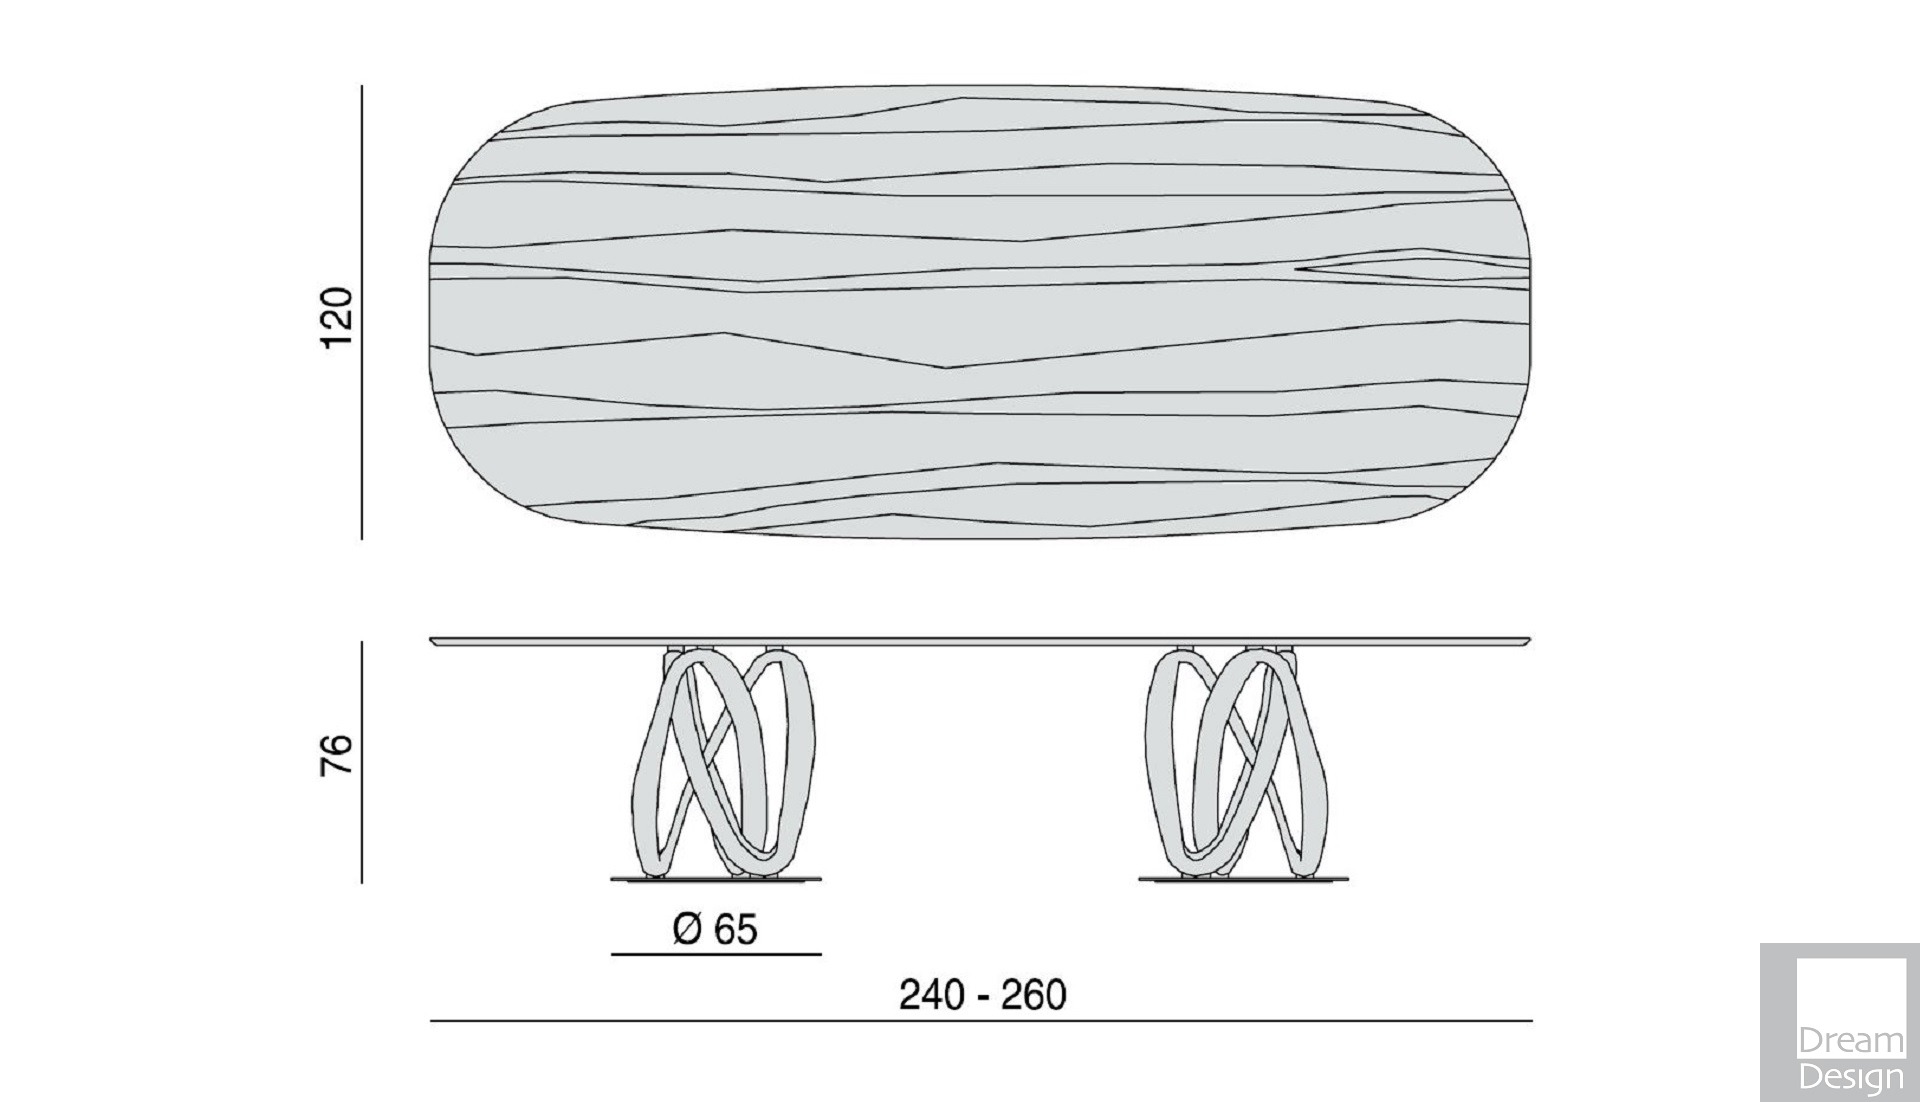 31 May Porada Infinity Tavolo Ovale 2 Base Table 02